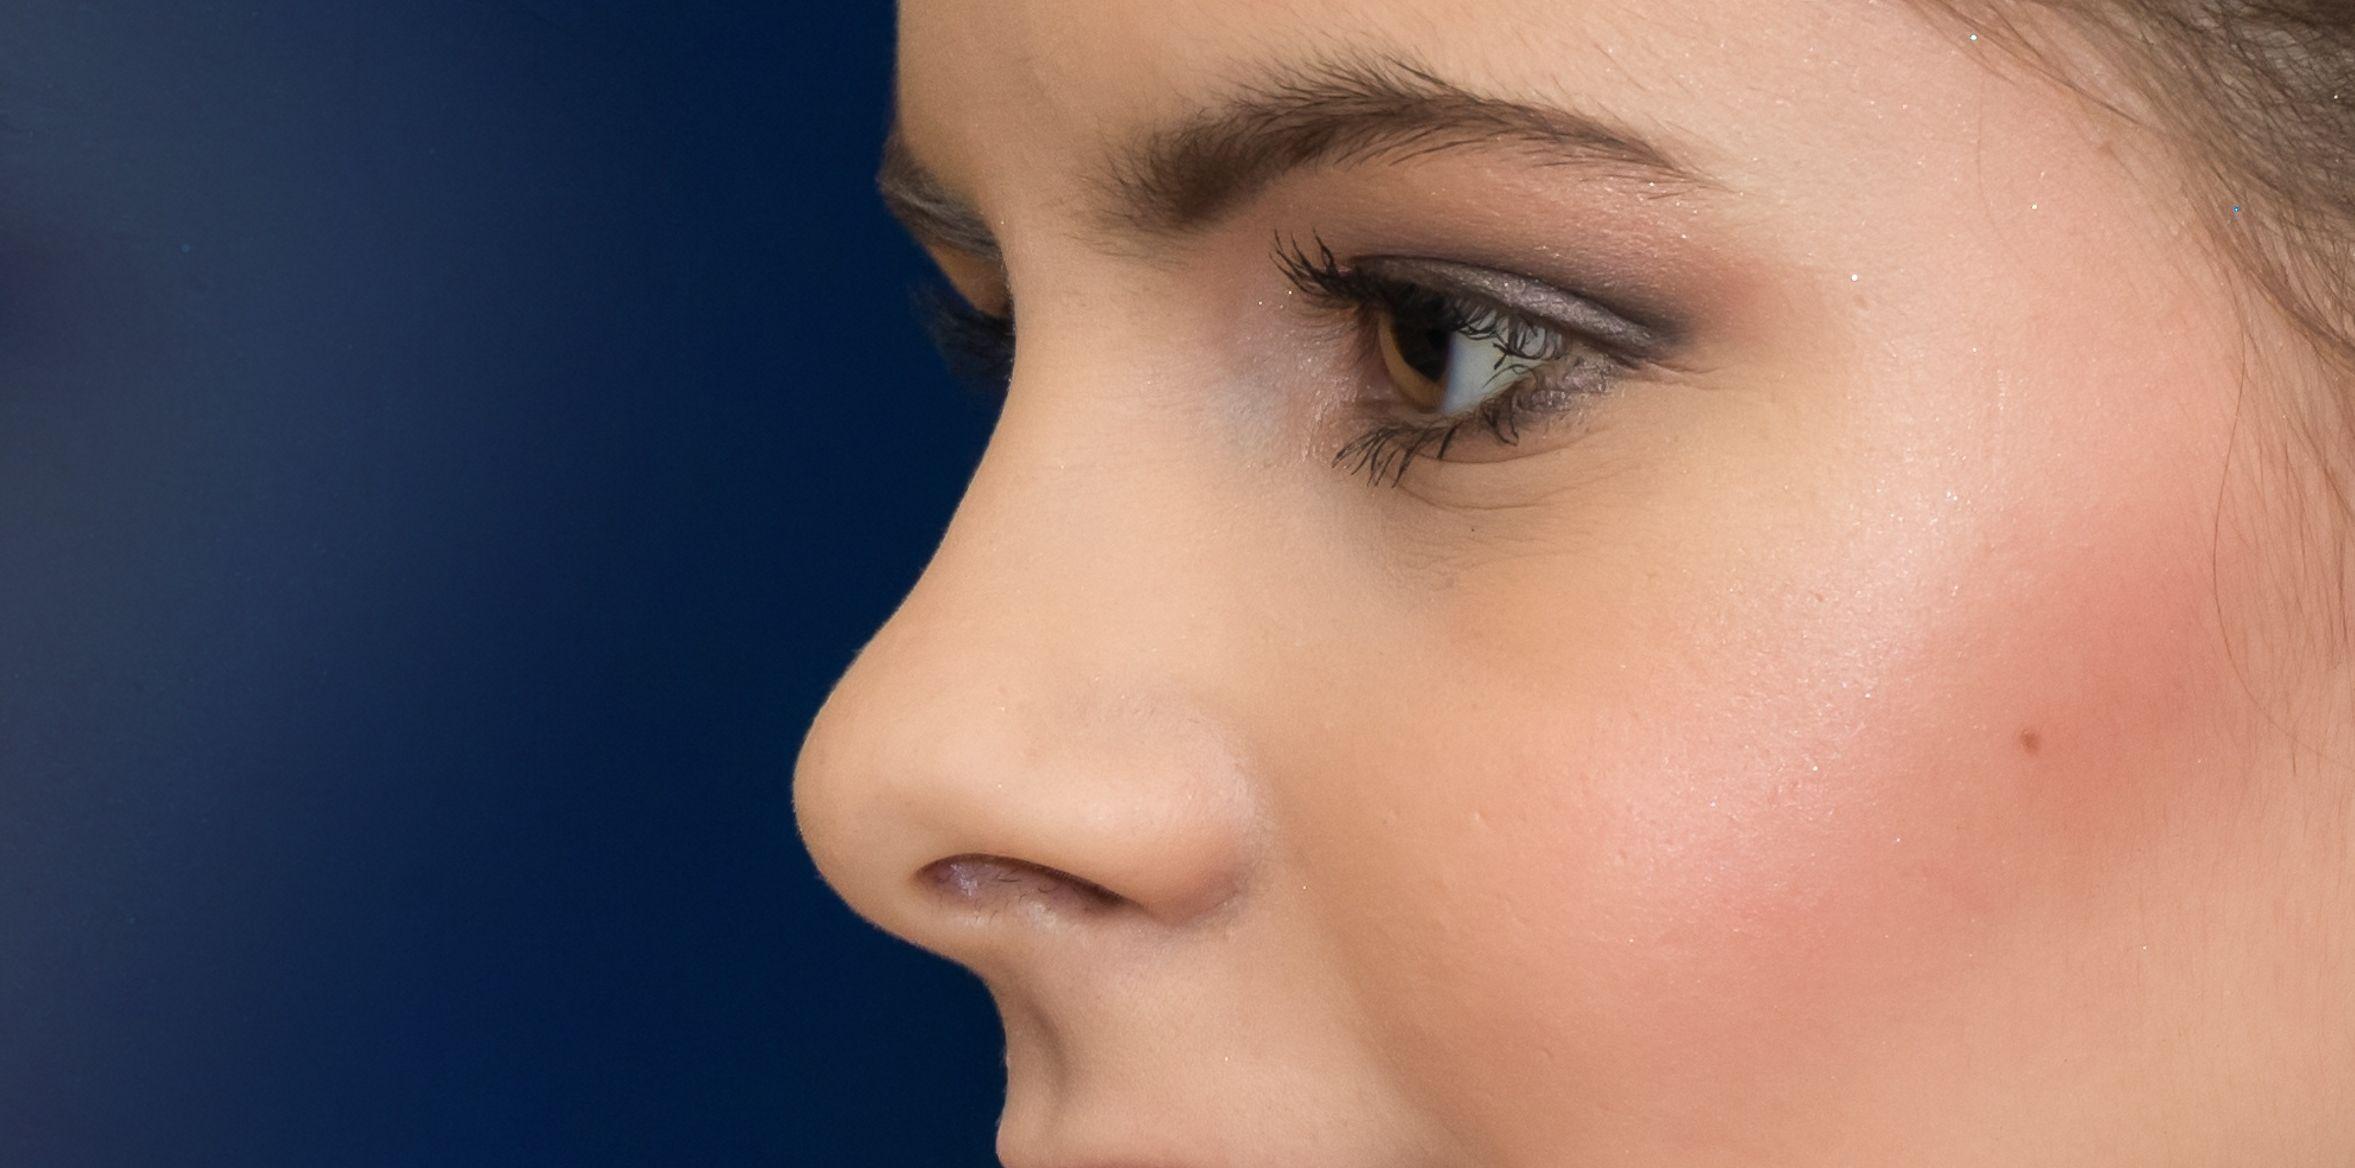 Nase (Nasus) - Gesundmed – Medizin und Gesundheit im Web